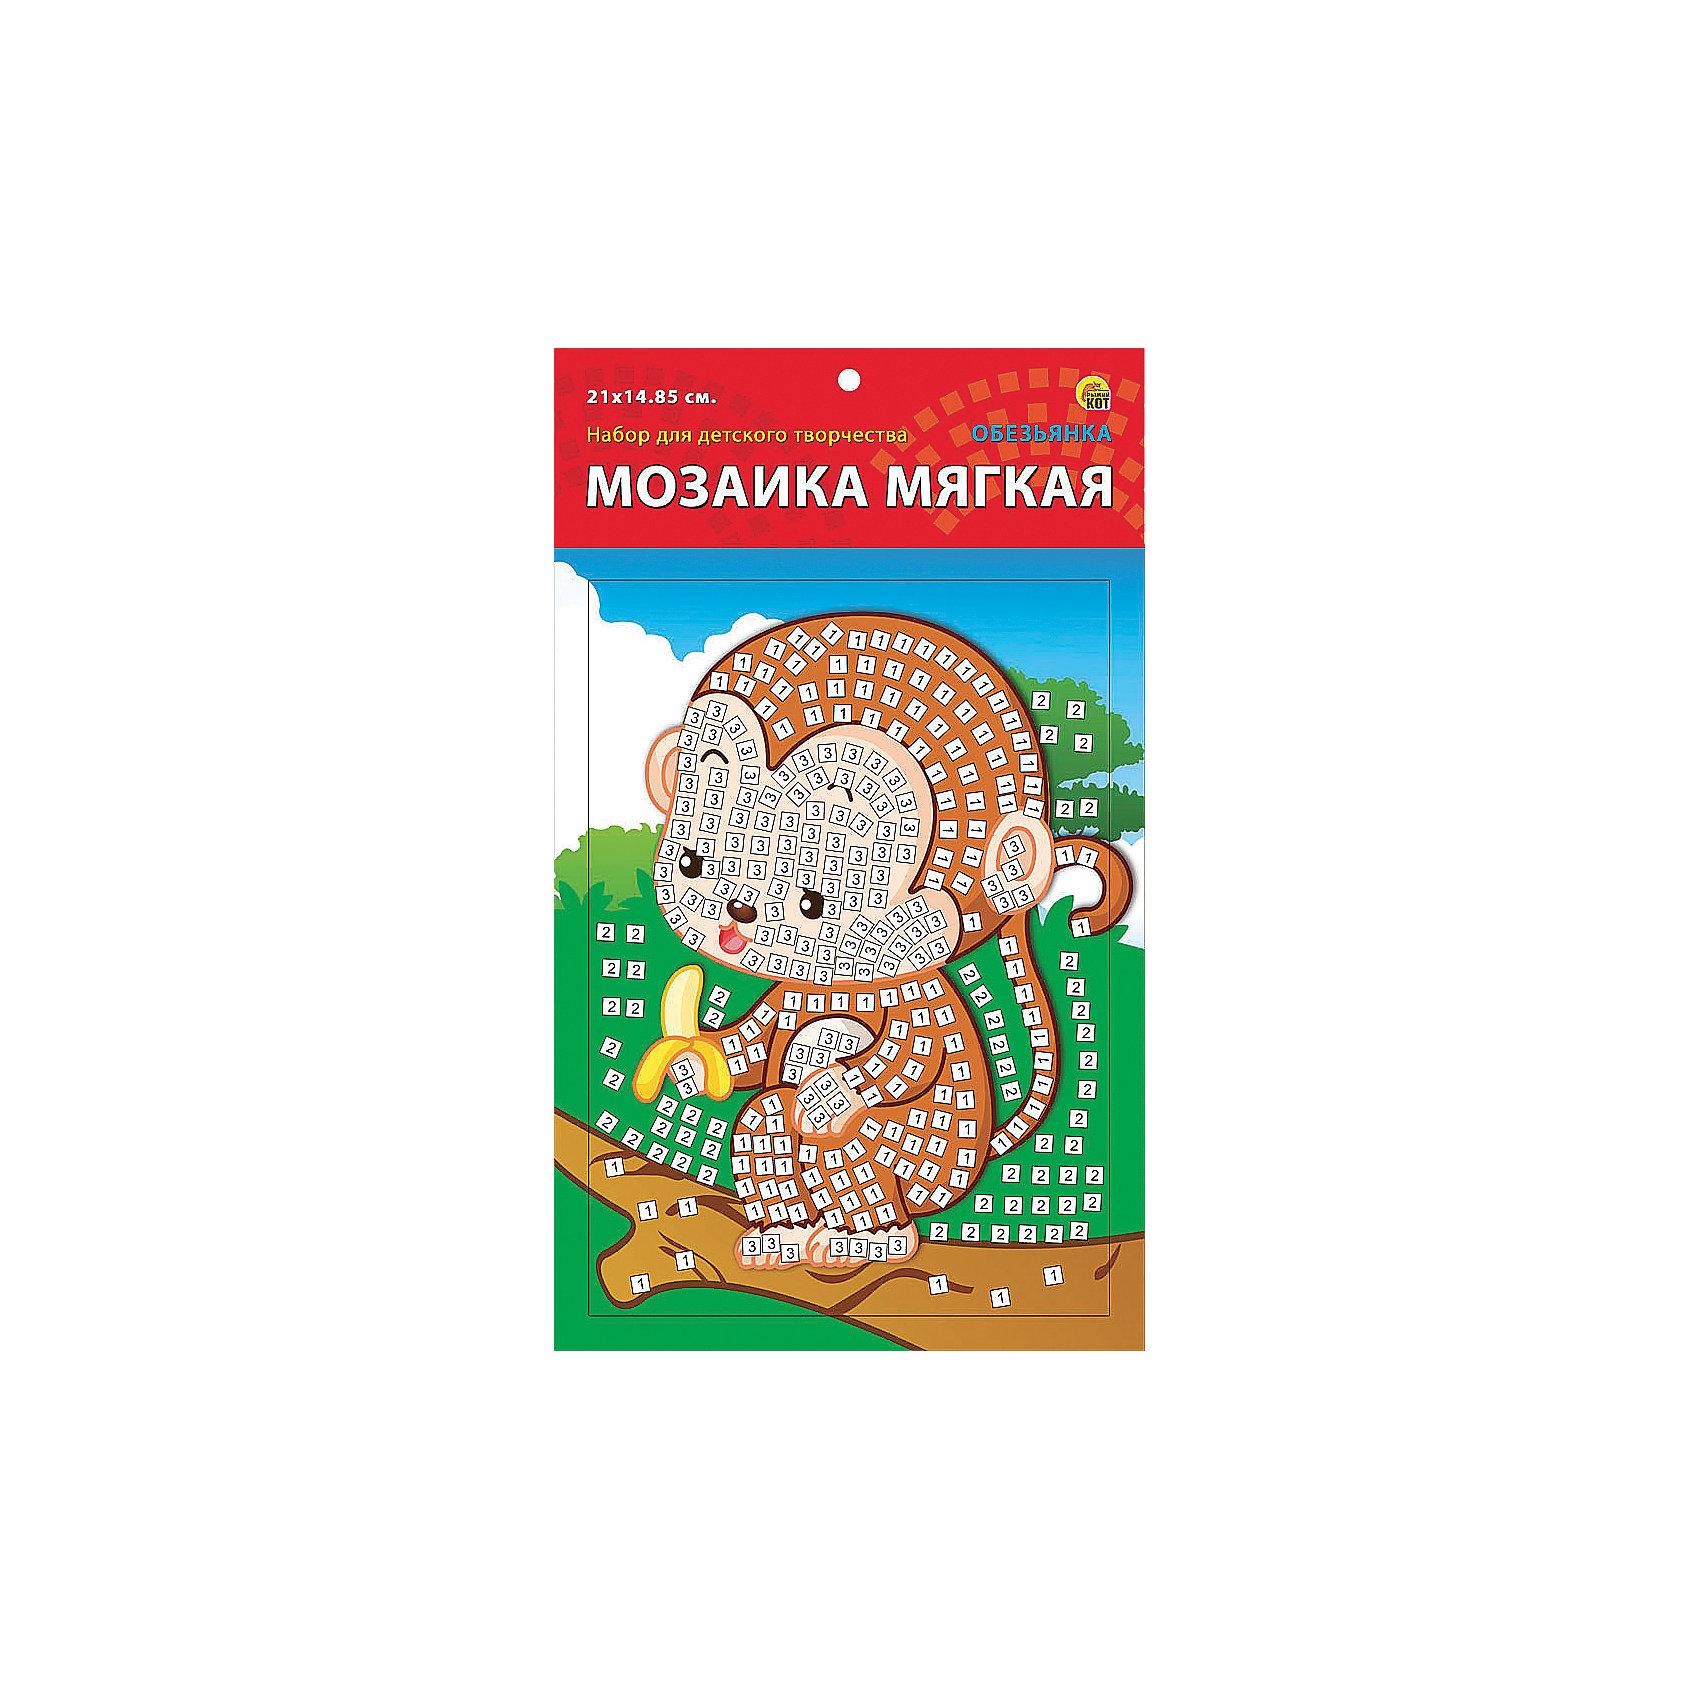 Издательство Рыжий кот Мягкая мозаика Обезьянка формат А5 (21х15 см) фотопанно флизелиновое divino 143 солнечный балкон 143 1 003